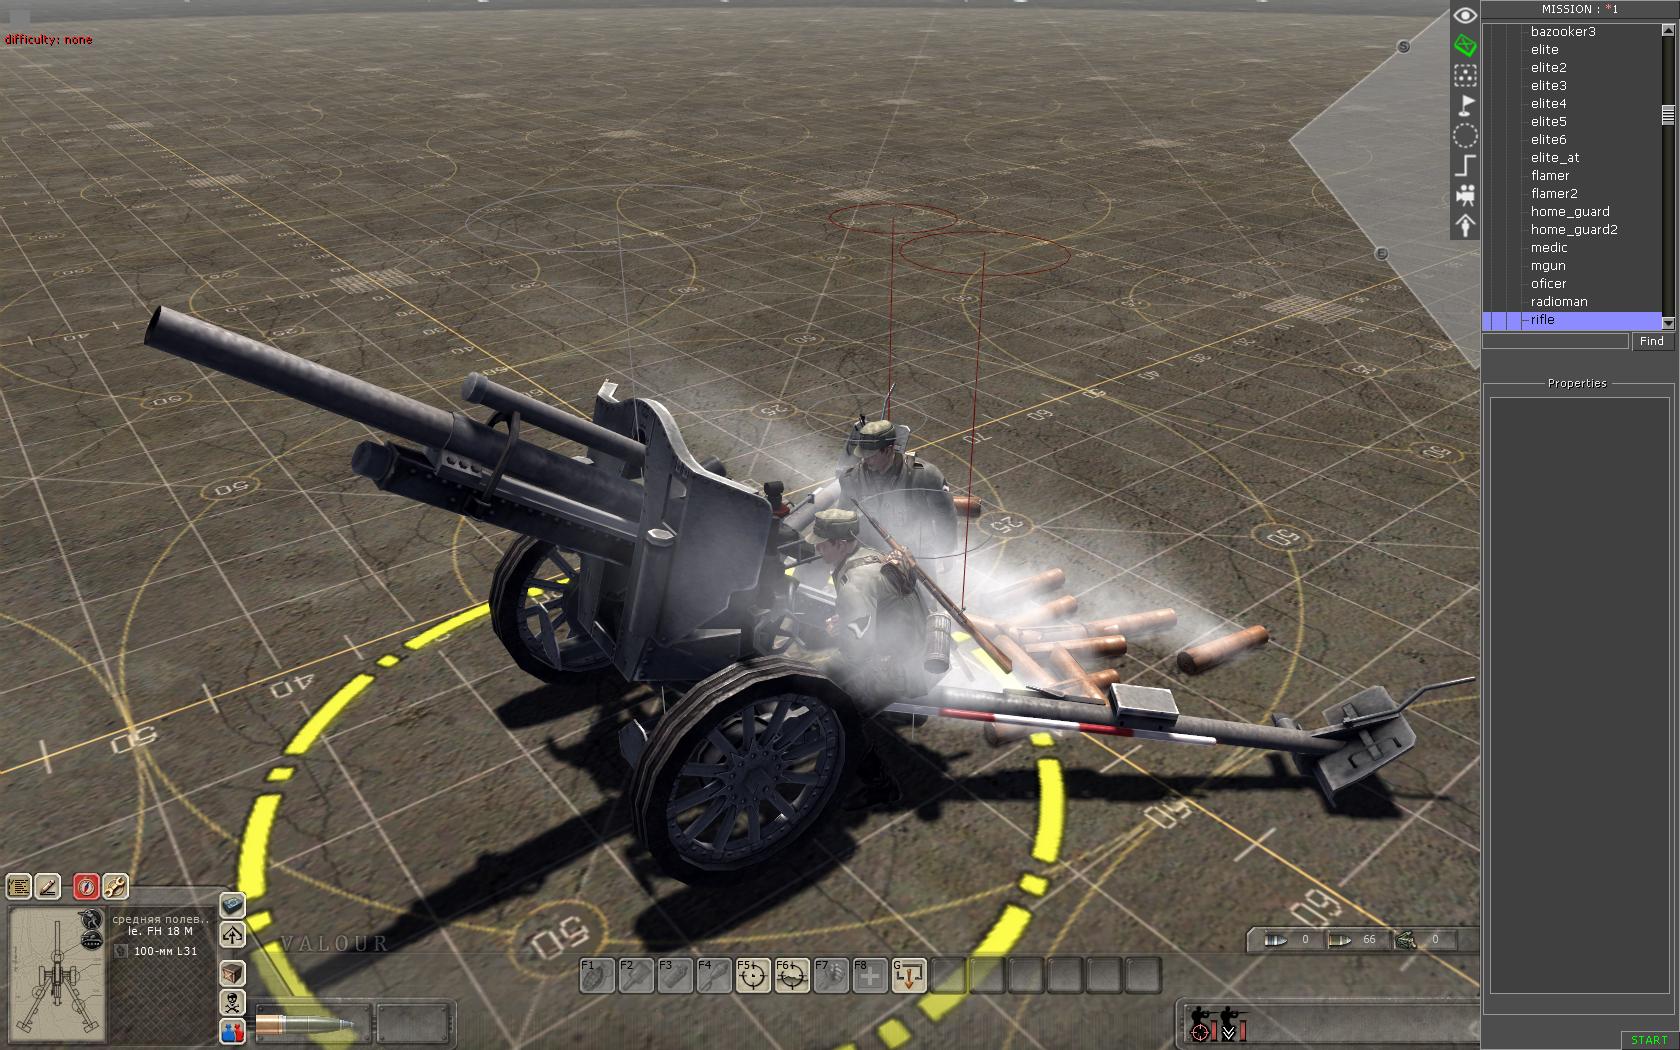 Скачать Оружие пехоты для MOW:AS 2 — бесплатно